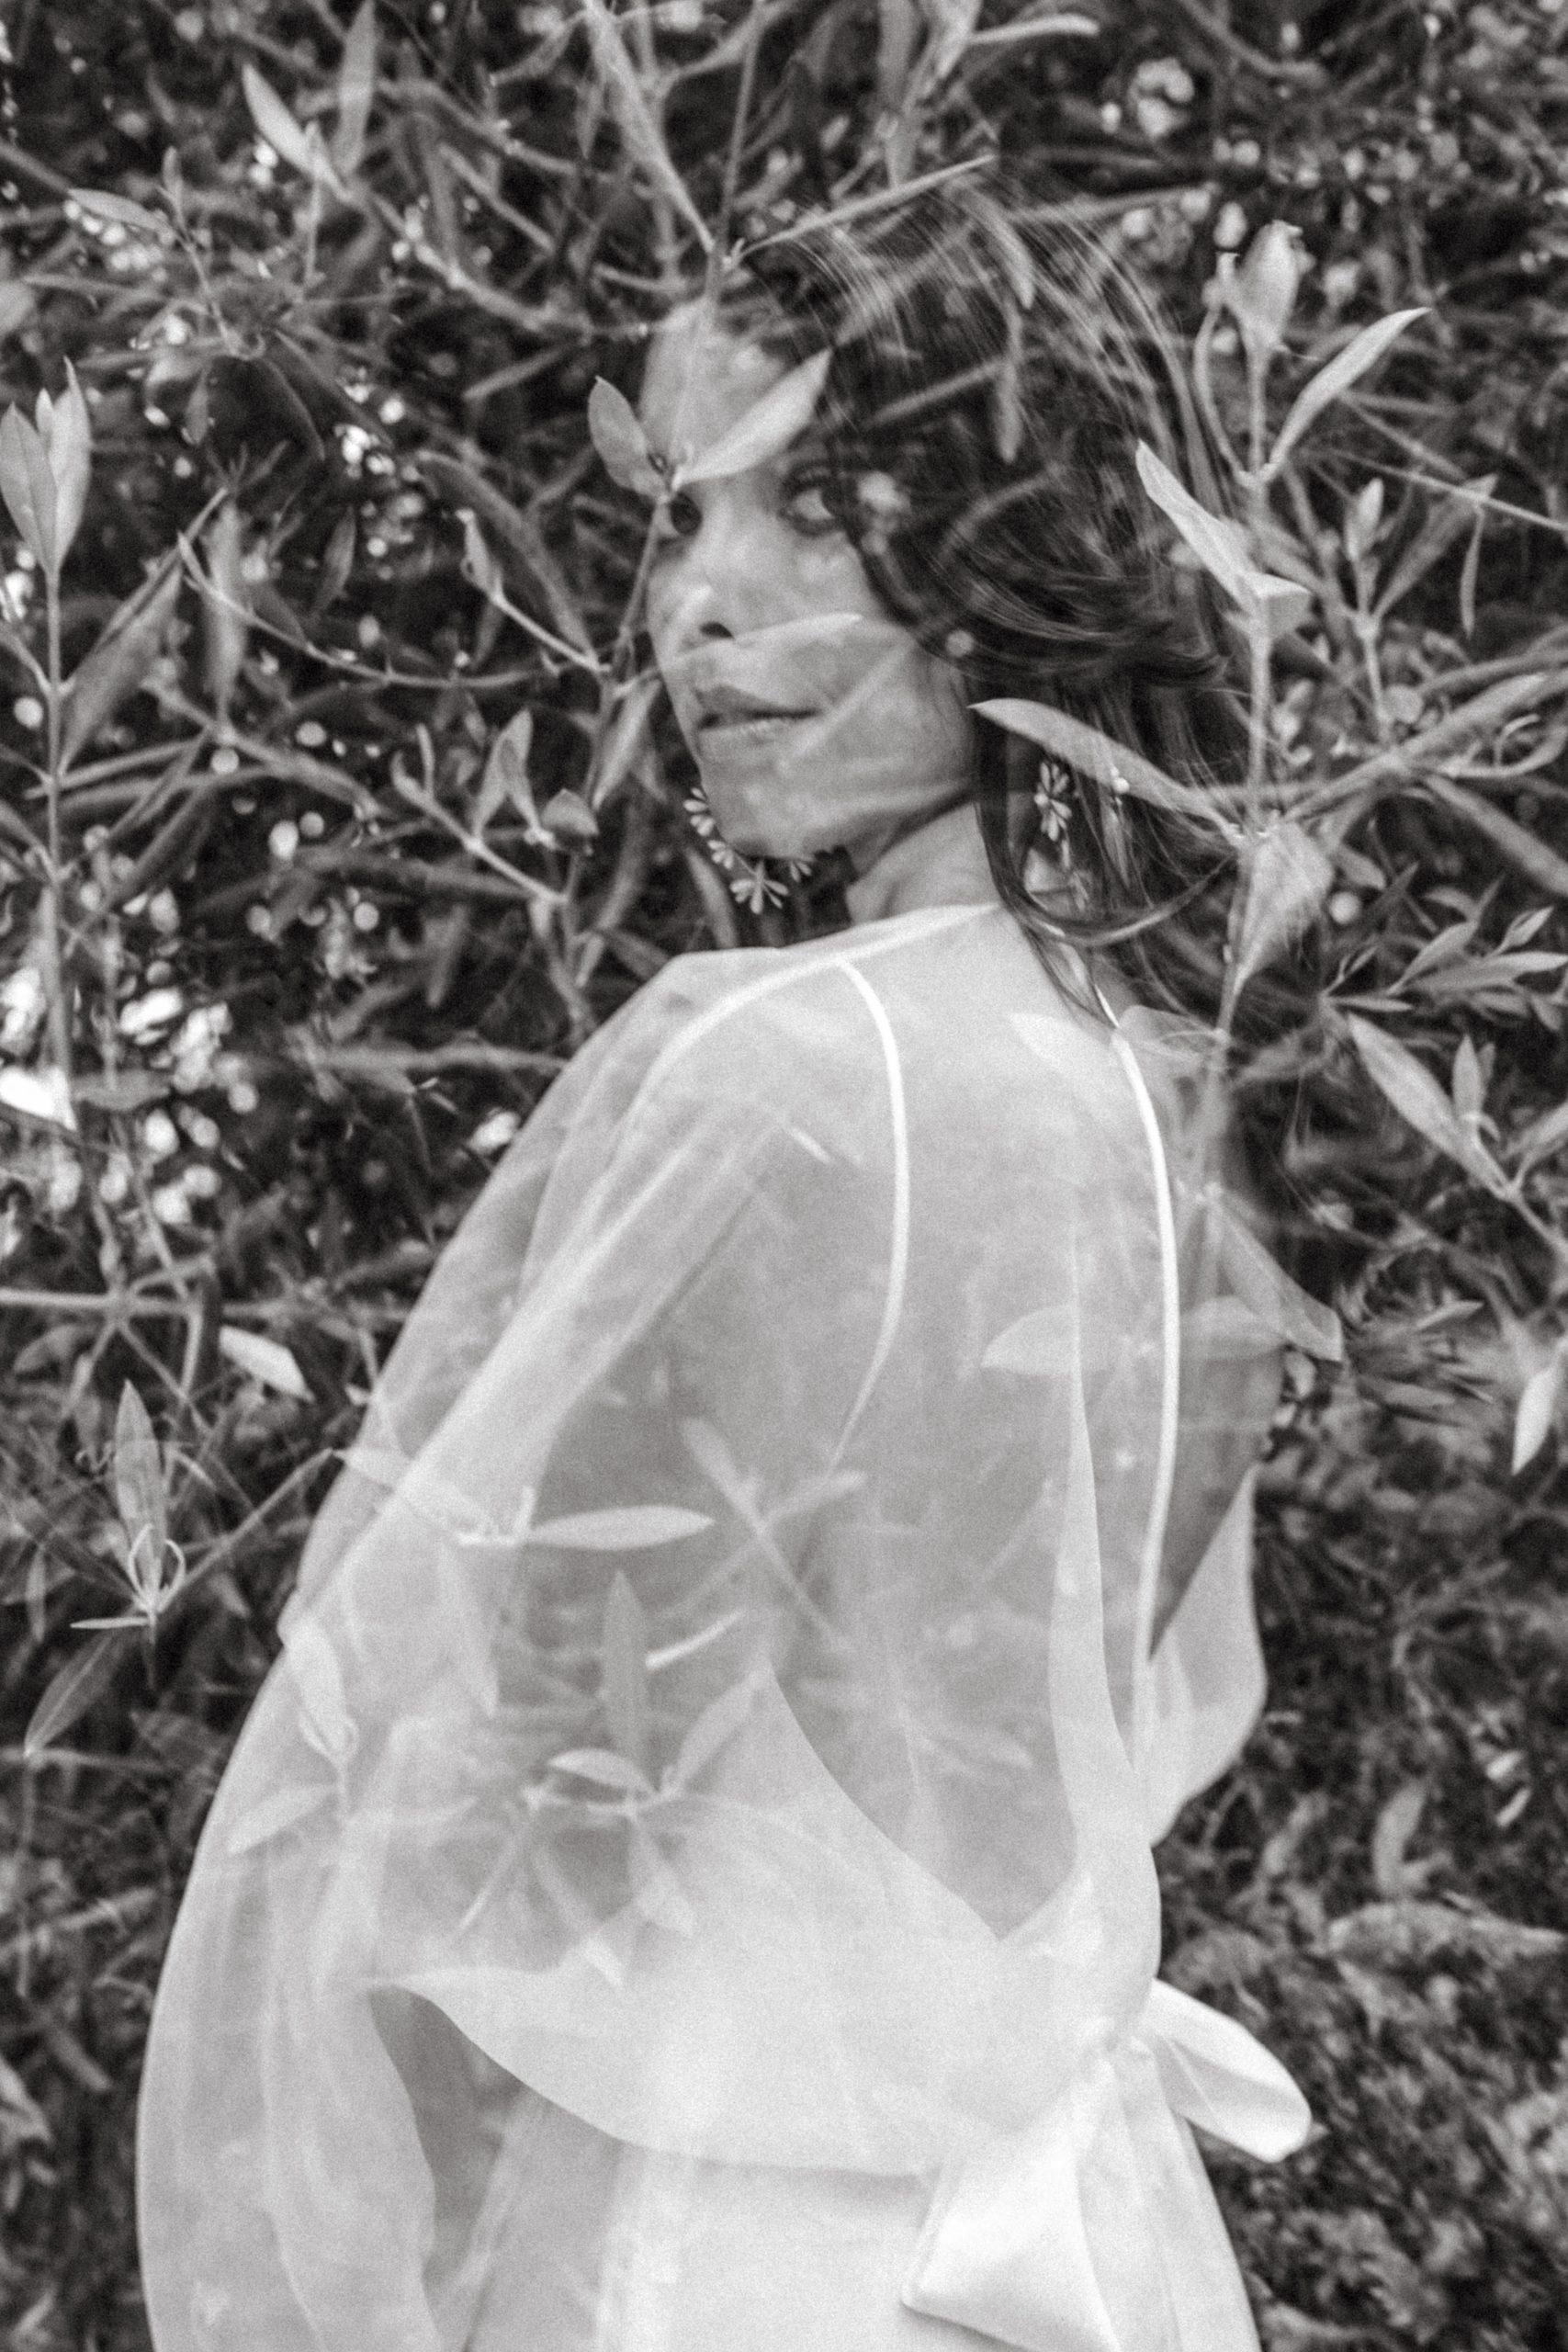 UTOPICLOVERS20200702 – EDITO Jérémie Sésanne Lajarveniere 8619 scaled - Un mariage élégant et végétal dans le Beaujolais